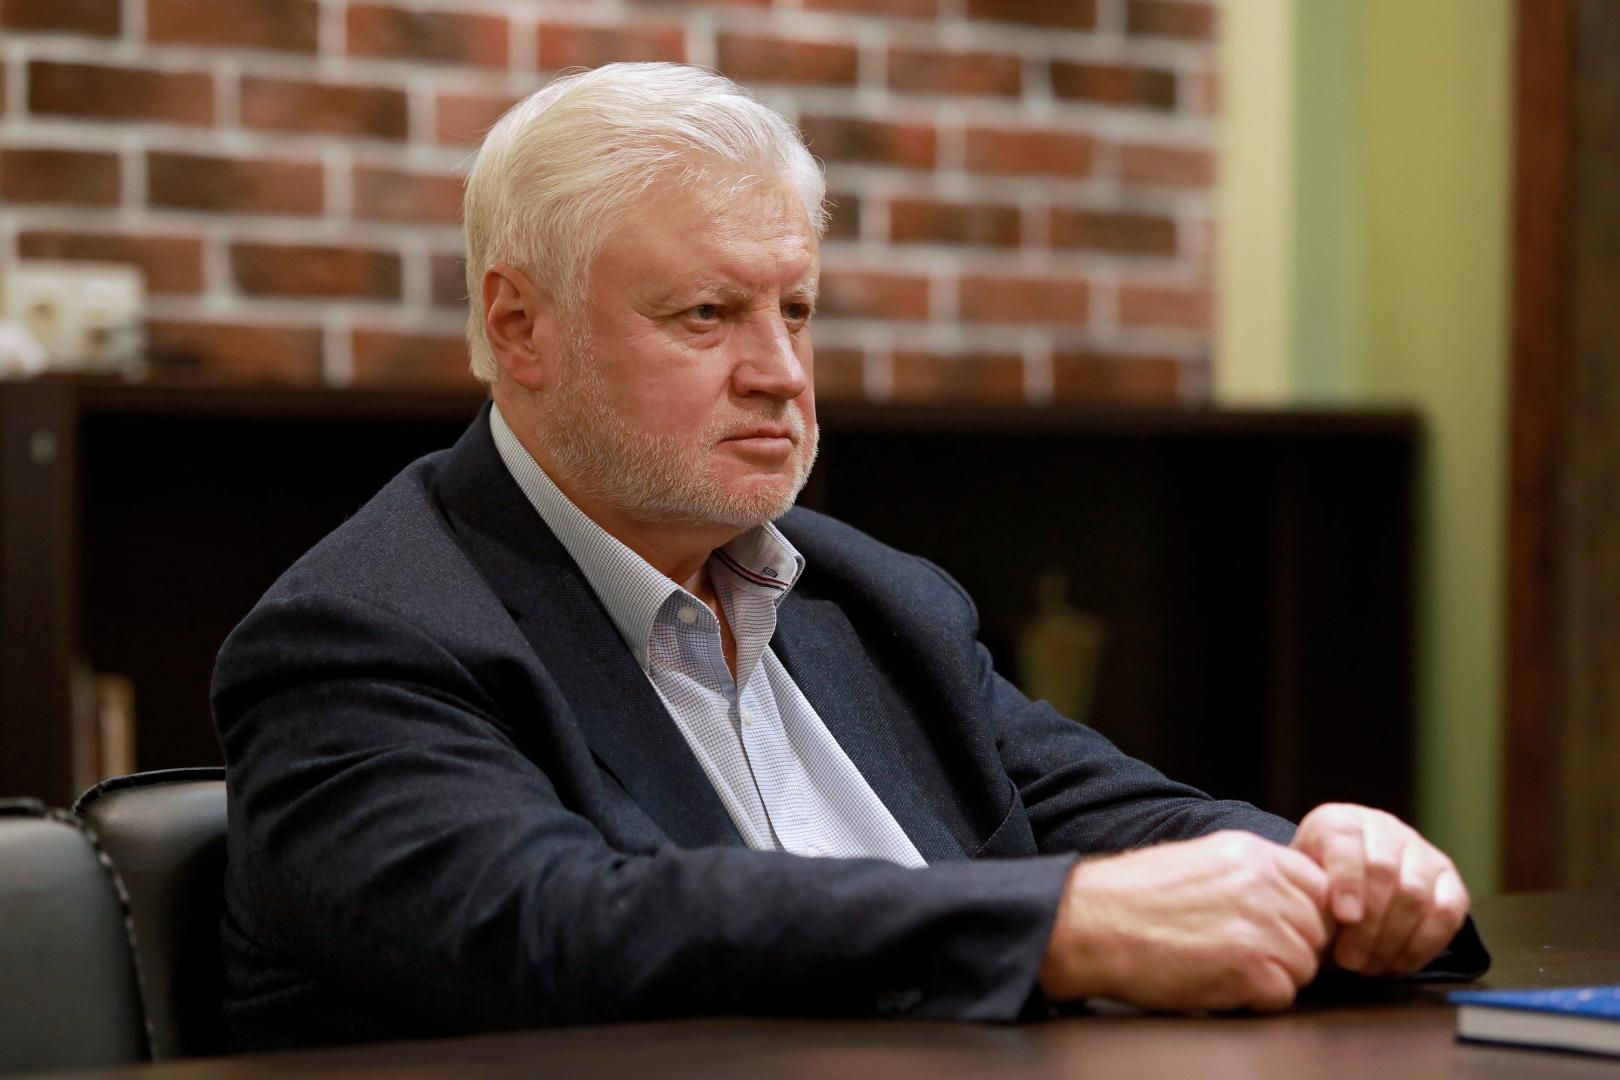 В Госдуме рассматривается предложение о бесплатных лекарствах для россиян - URA.RU